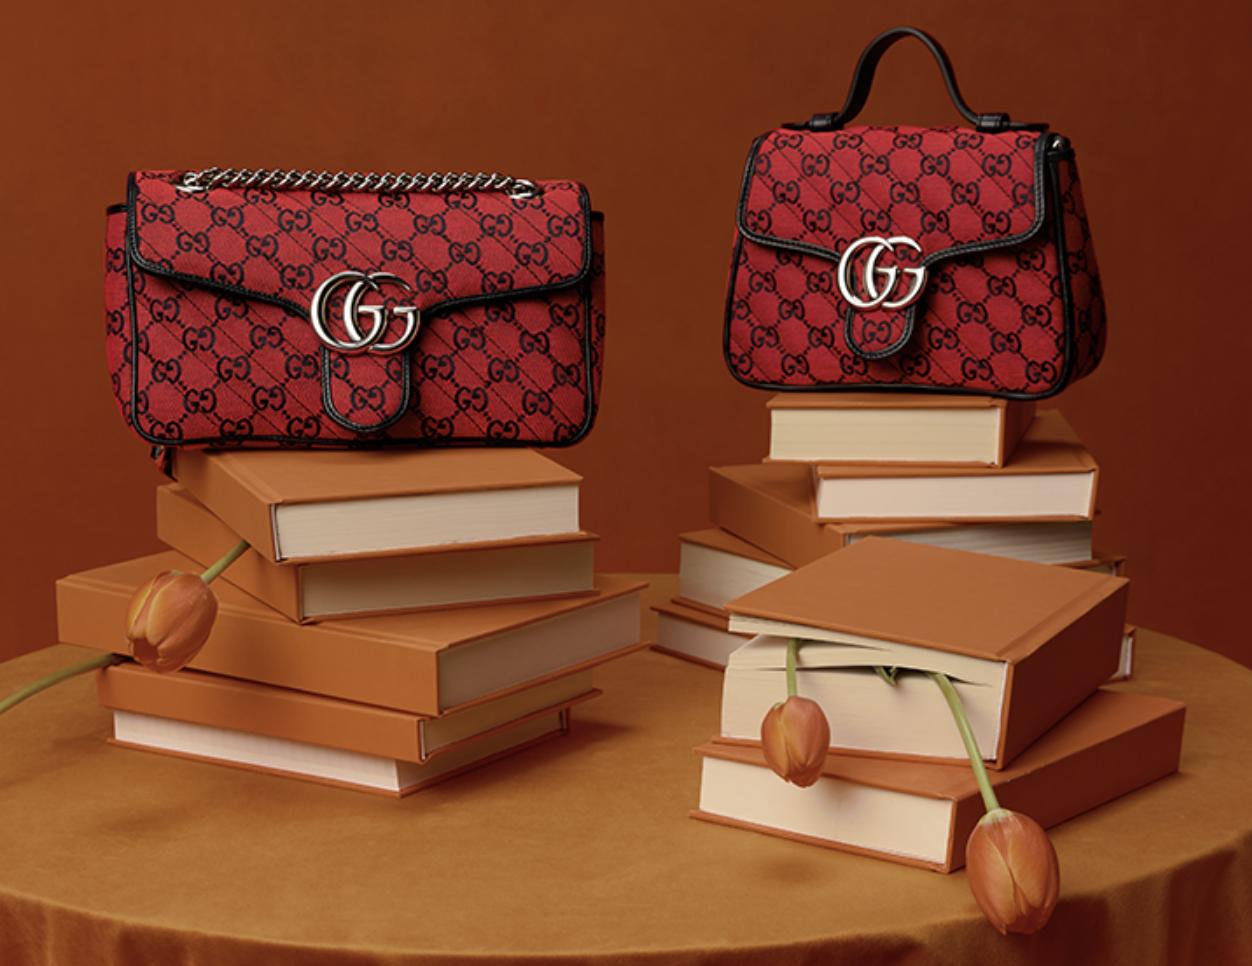 Gucci's 520 campaign. Credit: GUCCI